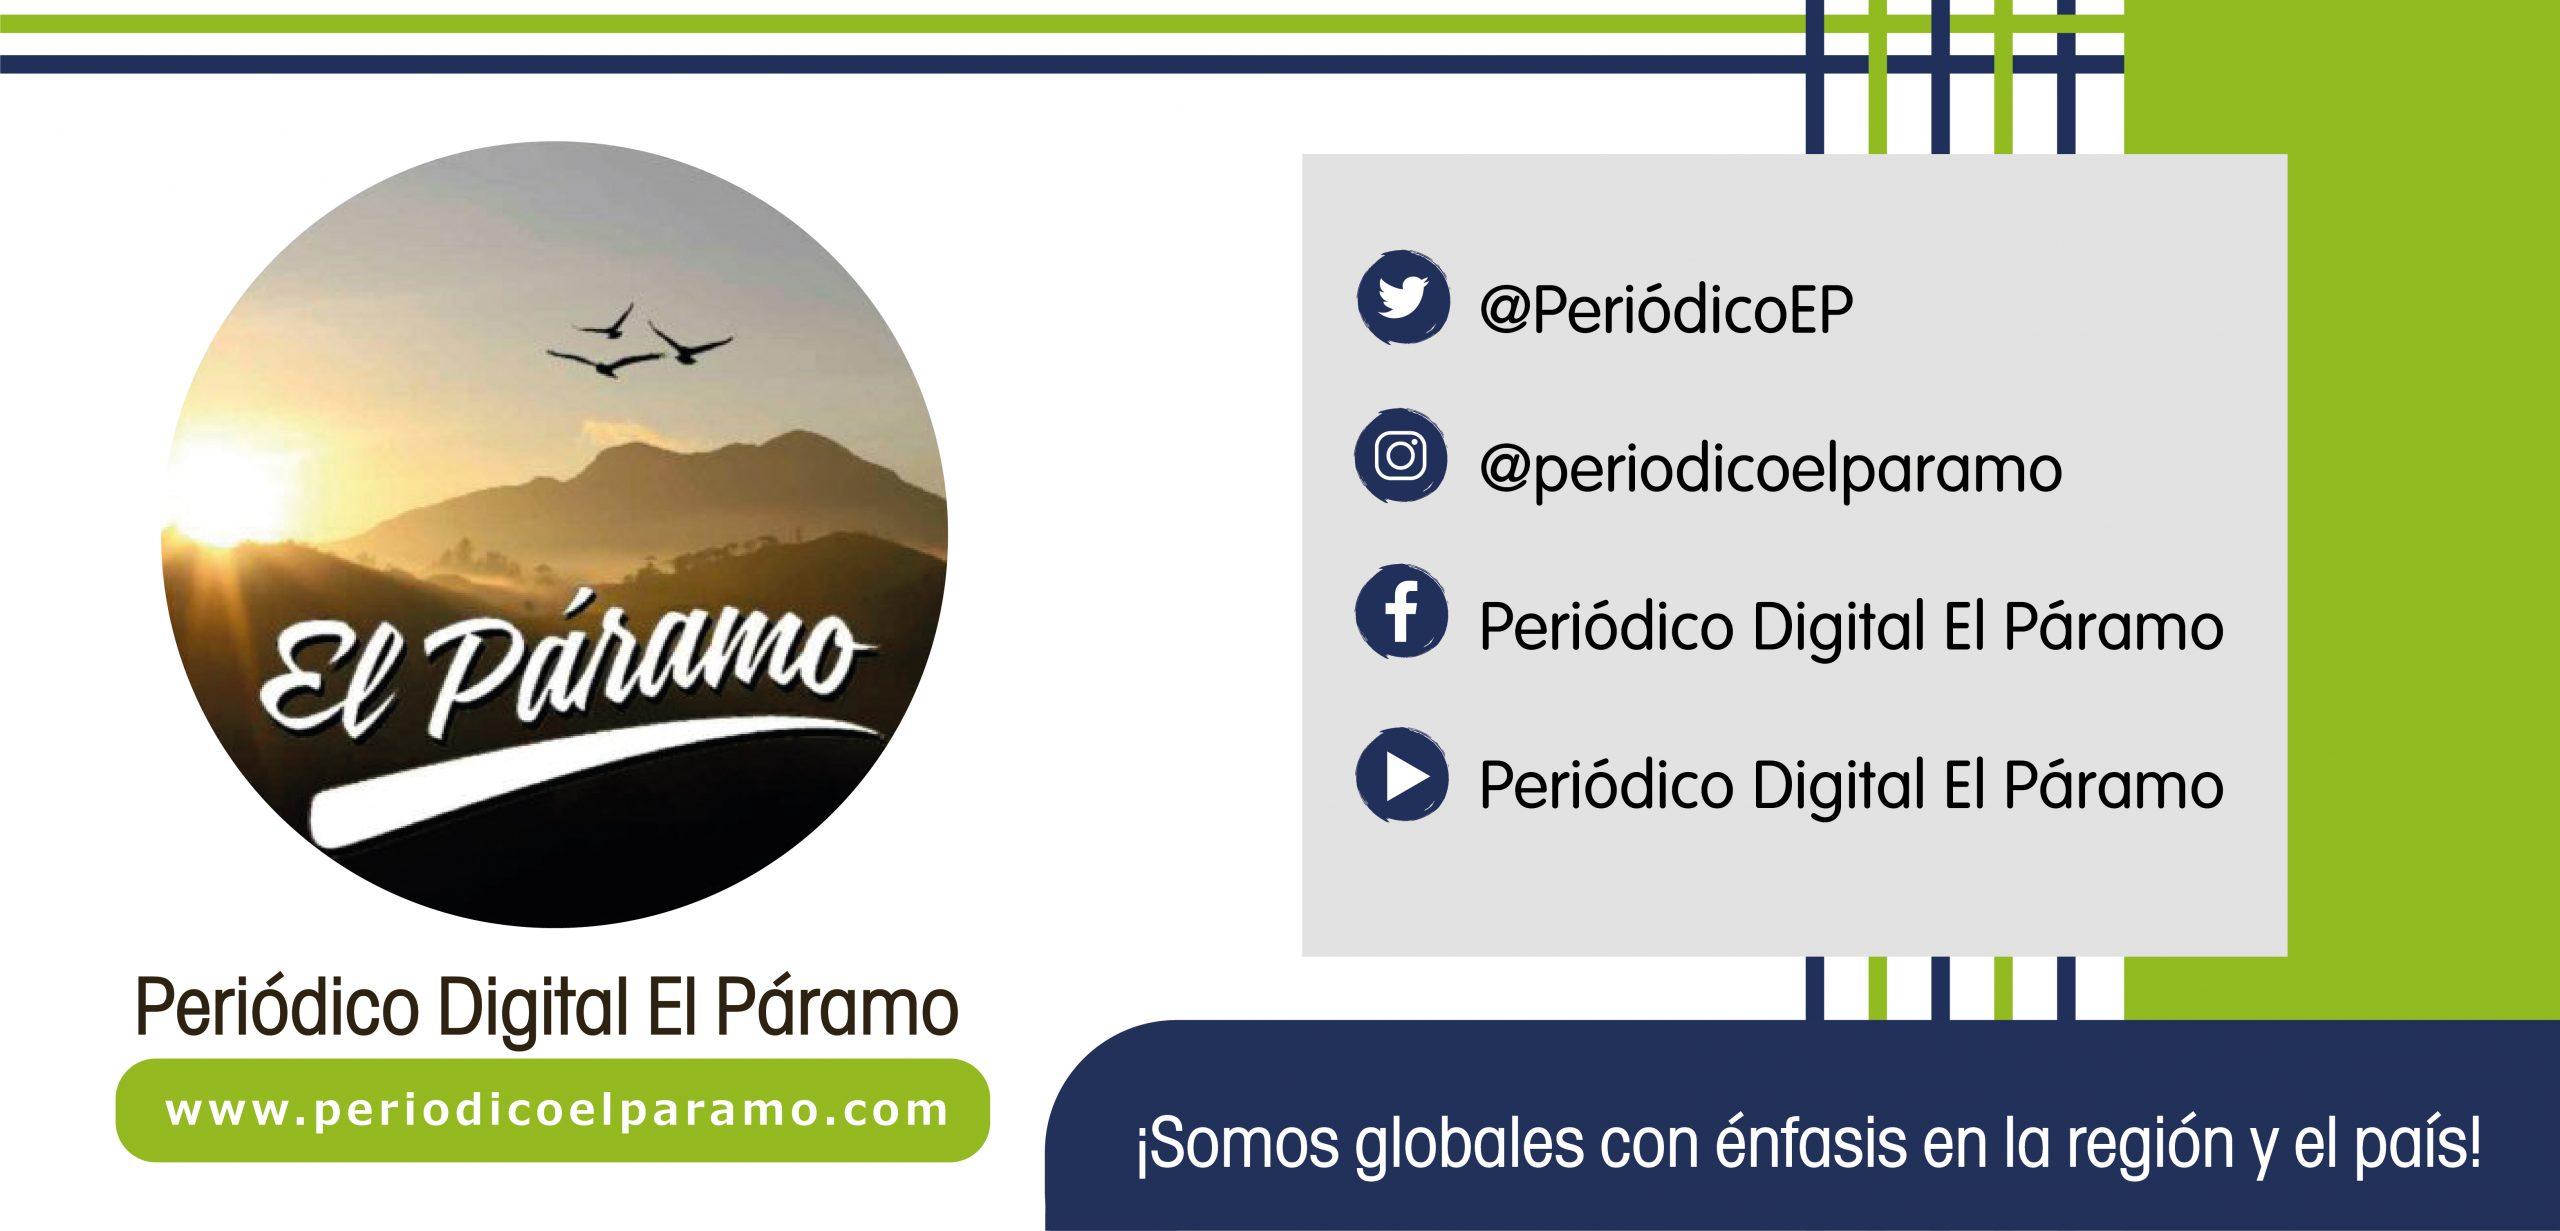 Periódico Digital El Páramo